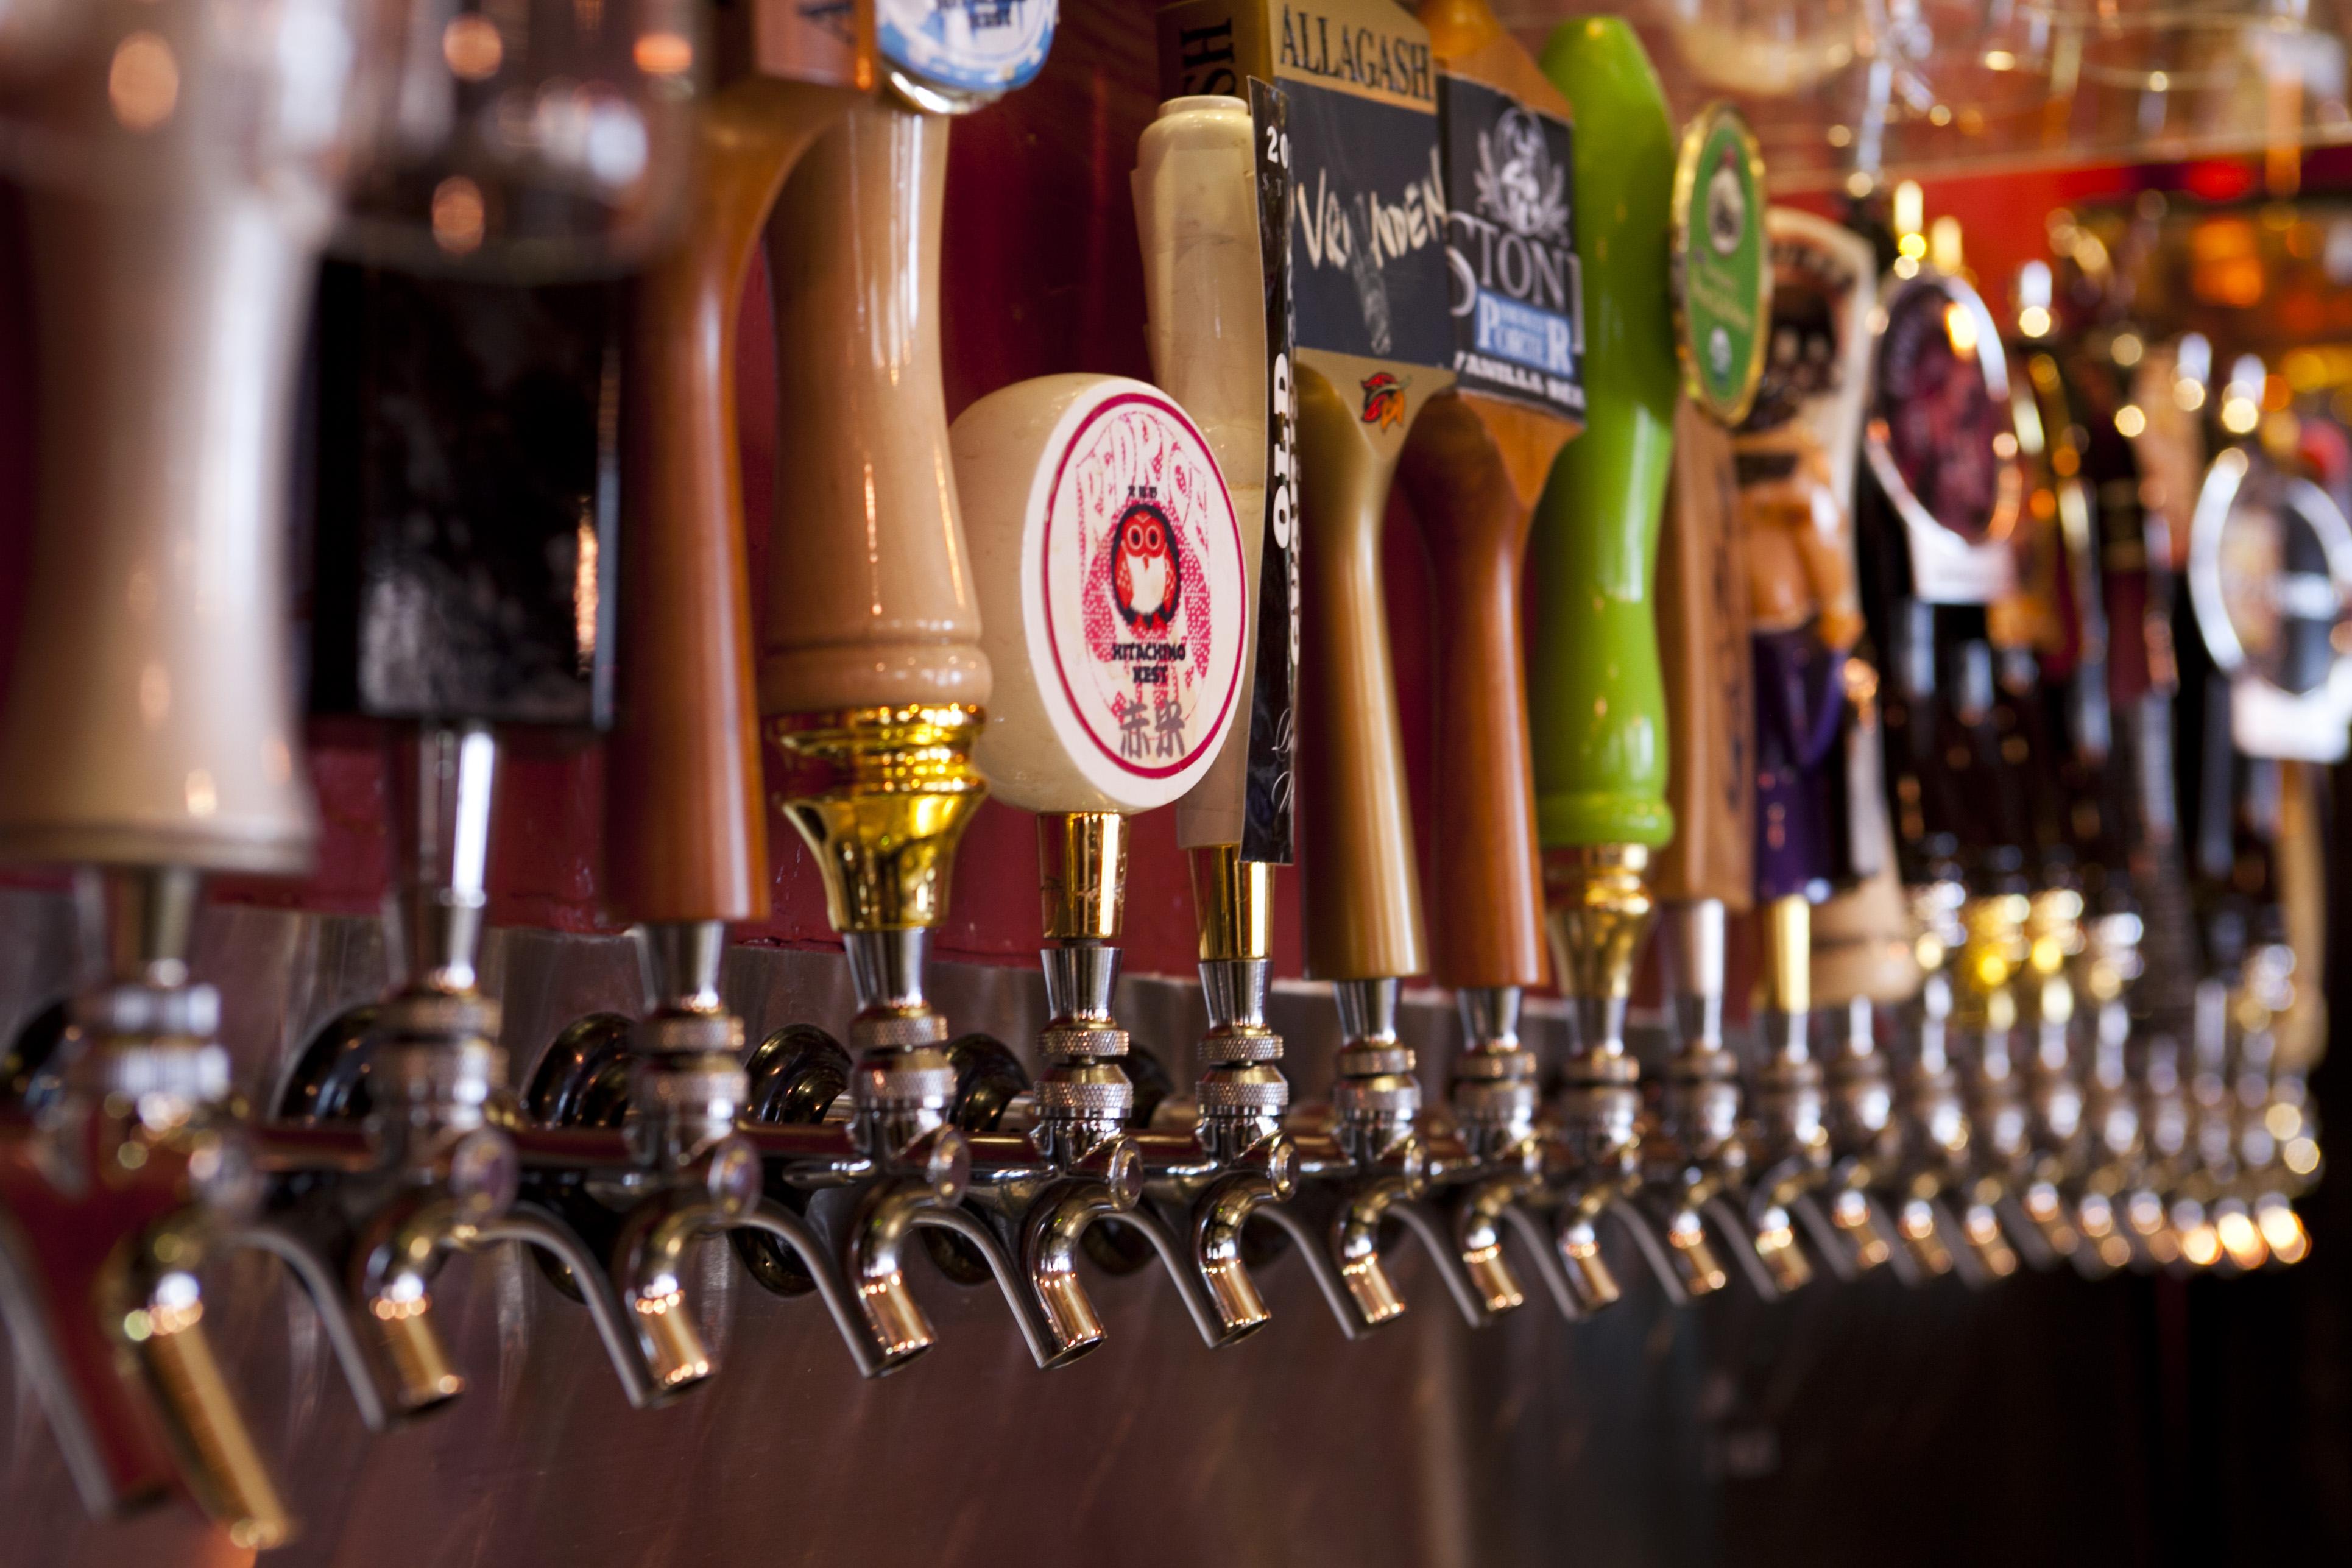 International beer day celebrity slice